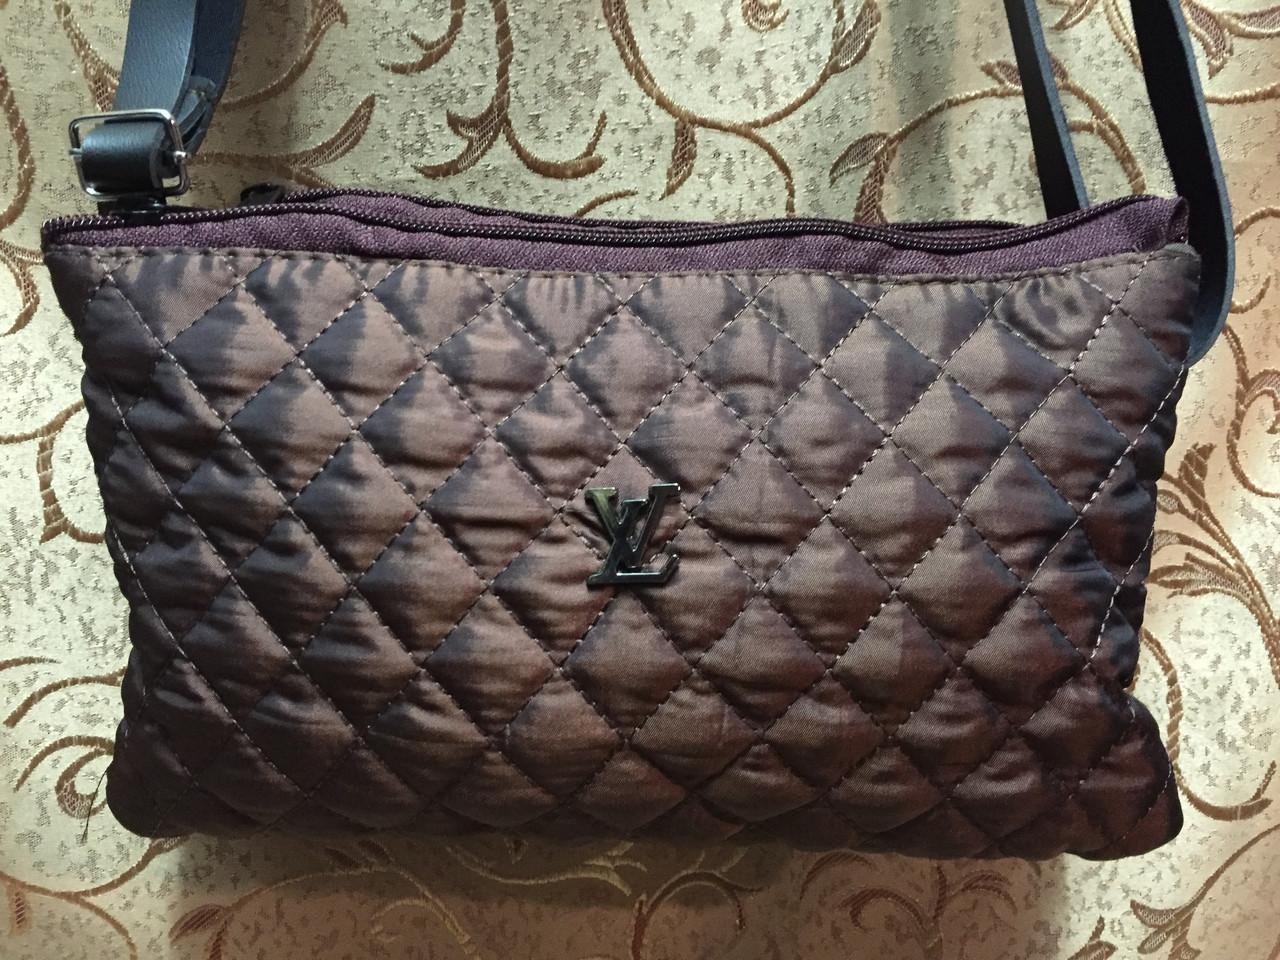 Клатч женский Сумка стеганная LV(стеганая сумка)только ОПТ/женский барсетки/Сумка для через плечо